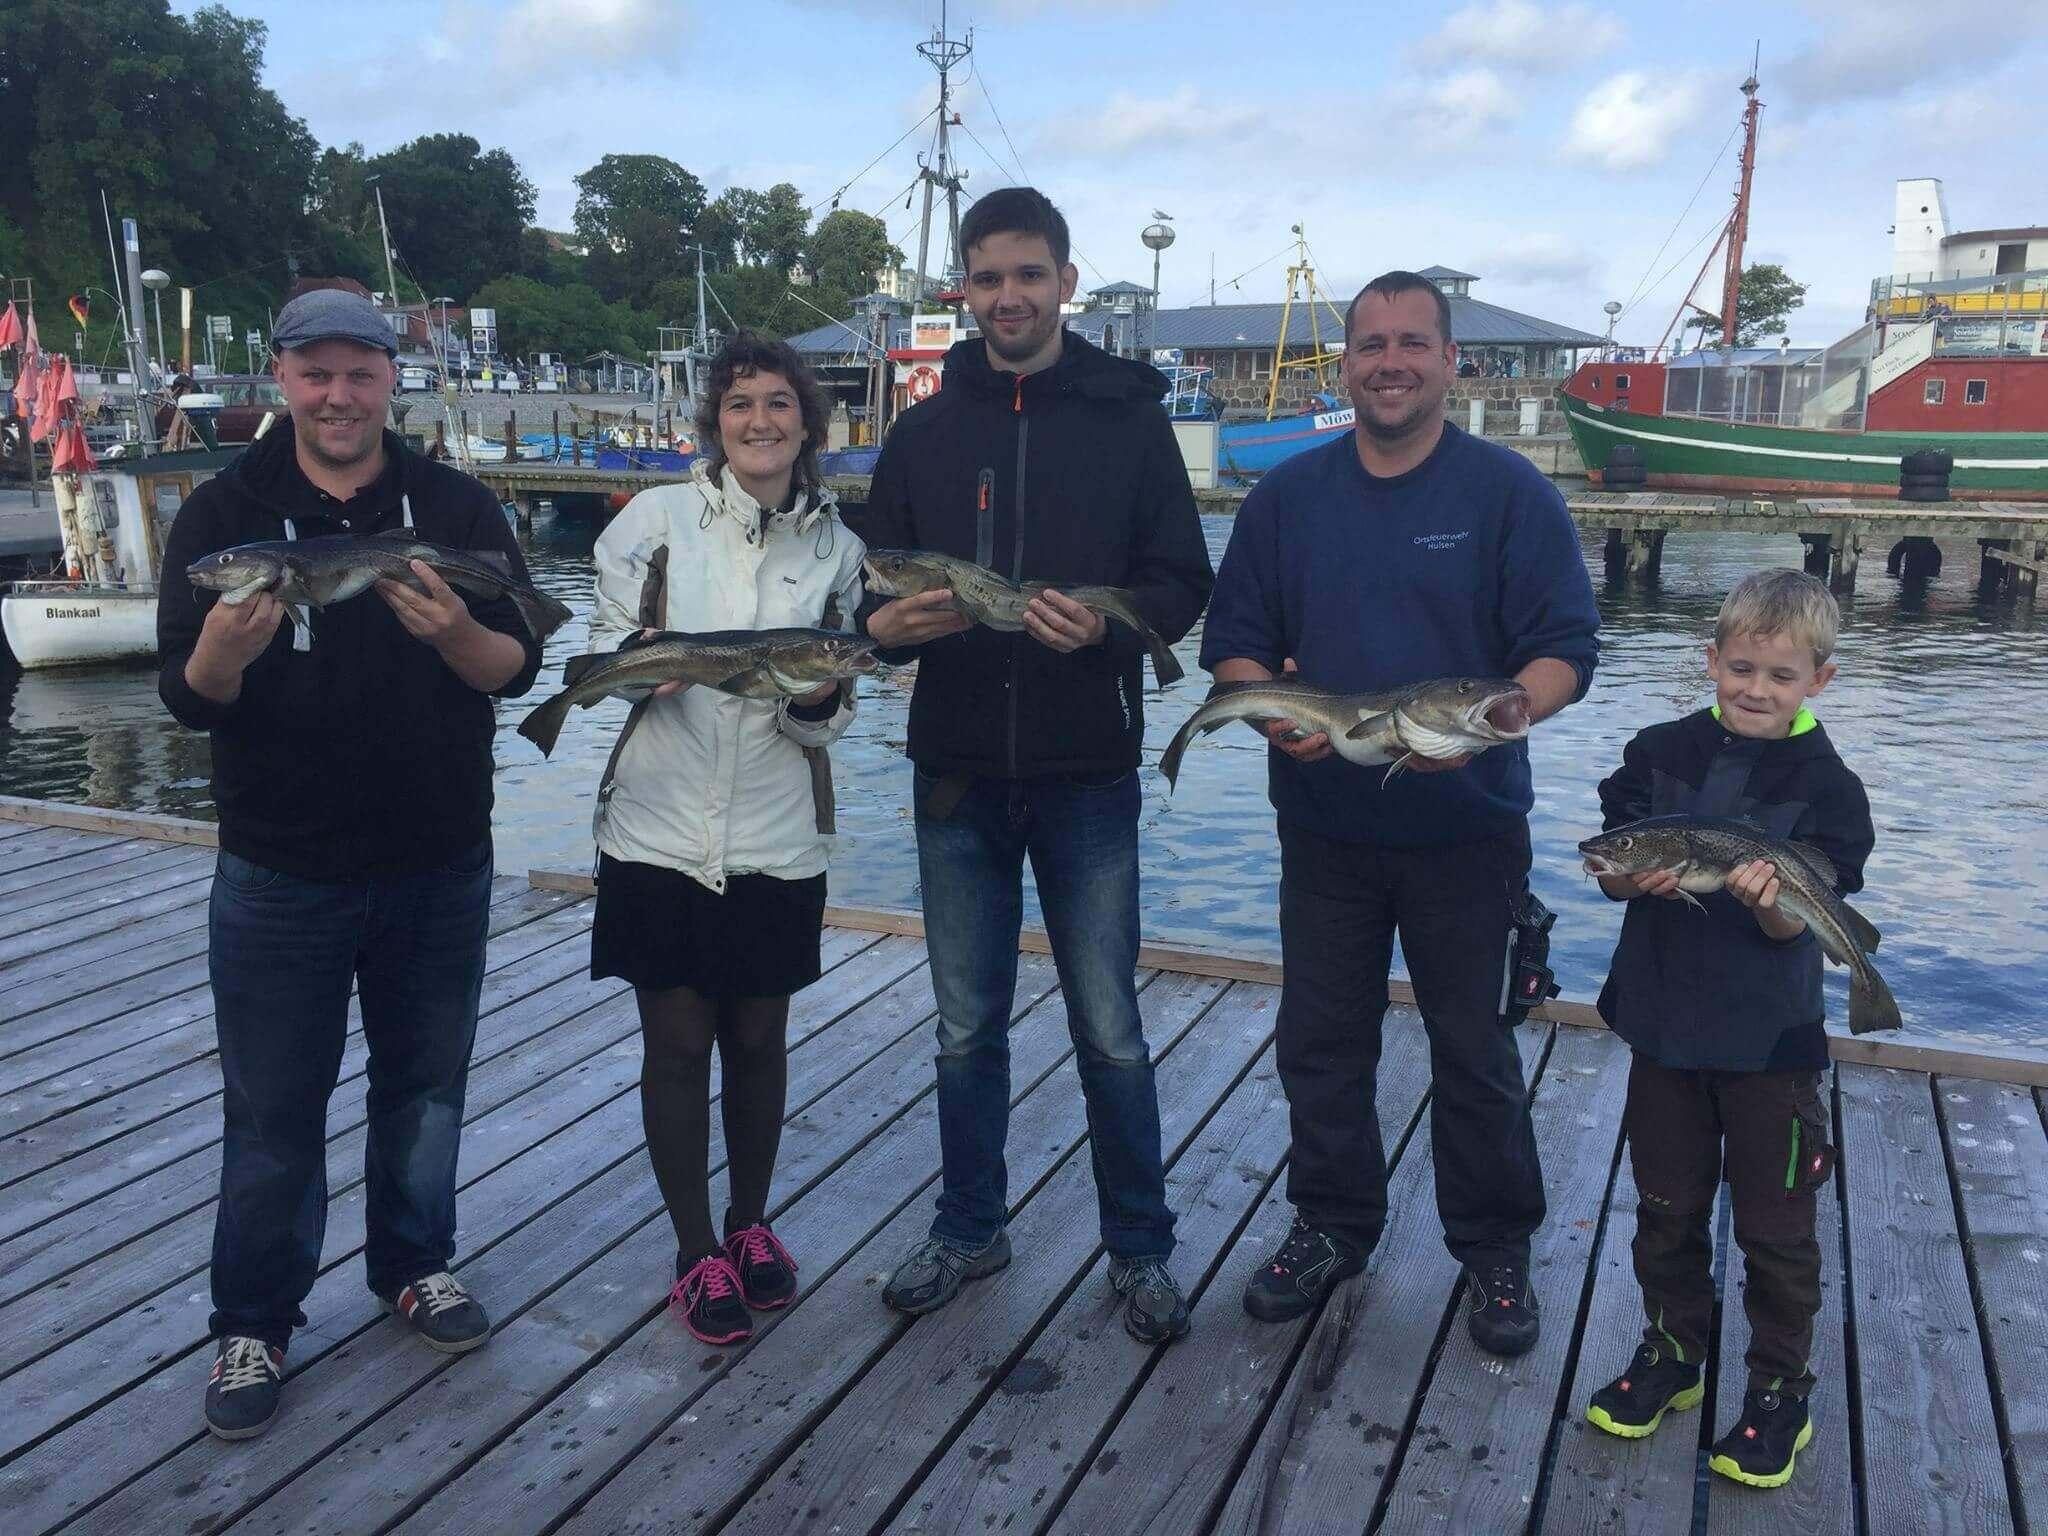 Angelseminar 2017: Alle Teilnehmer waren erfolgreich und präsentieren stolz ihre Fischfänge